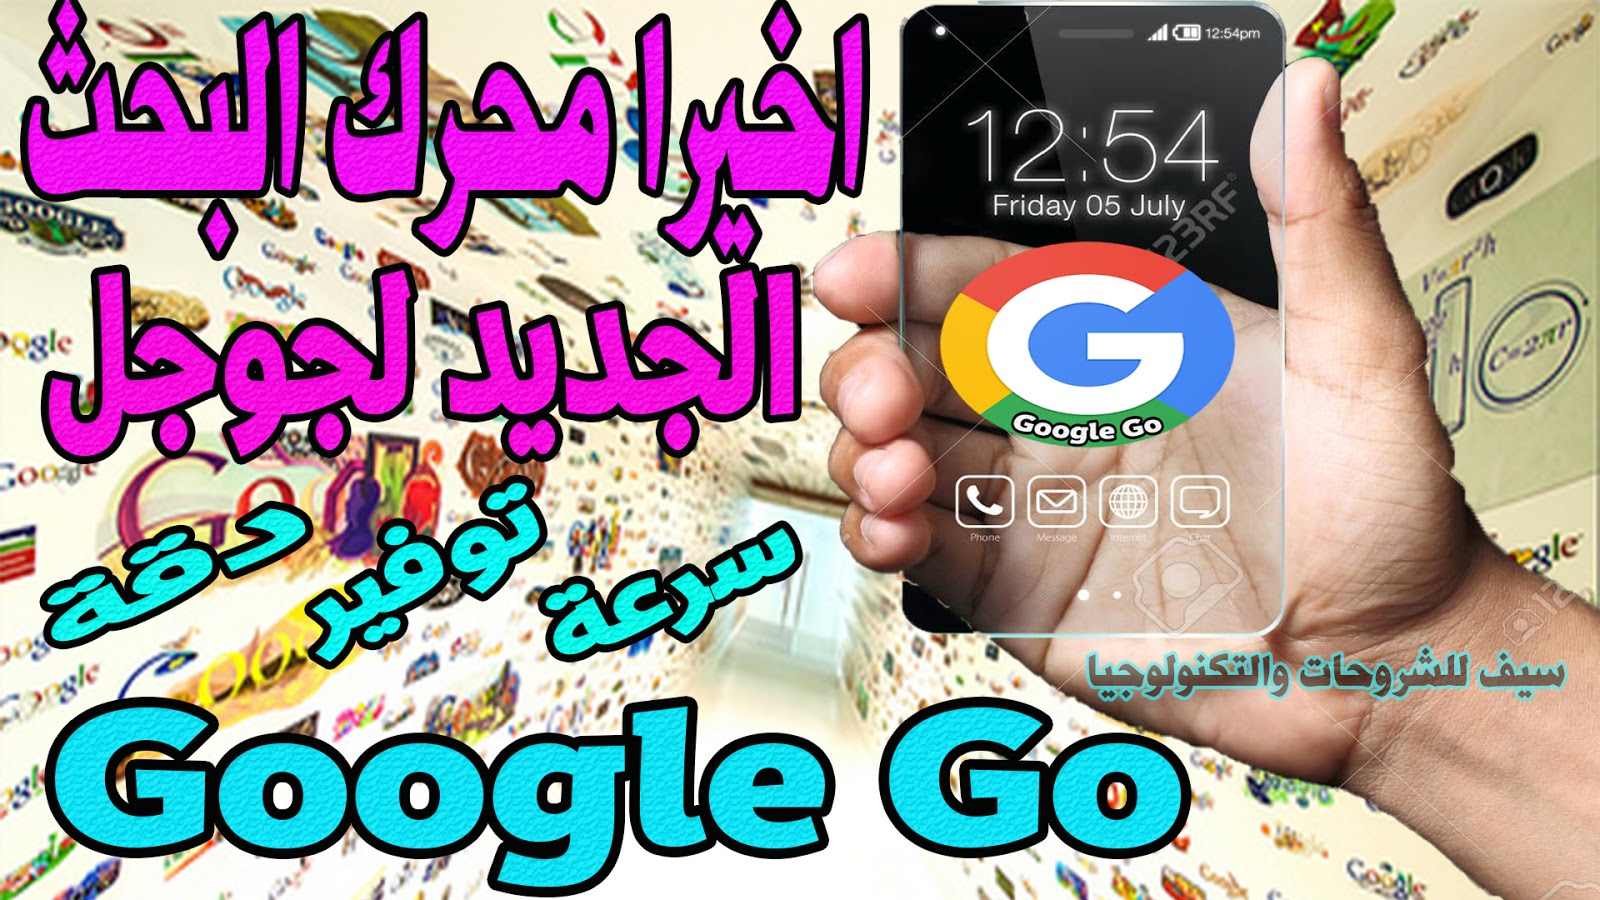 اخيرا وبعد انتظار يمكنك تحميل تطبيق Google Go ( محرك البحث الجديد ) من شركة جوجل - امكانيات ومميزات من المستقبل